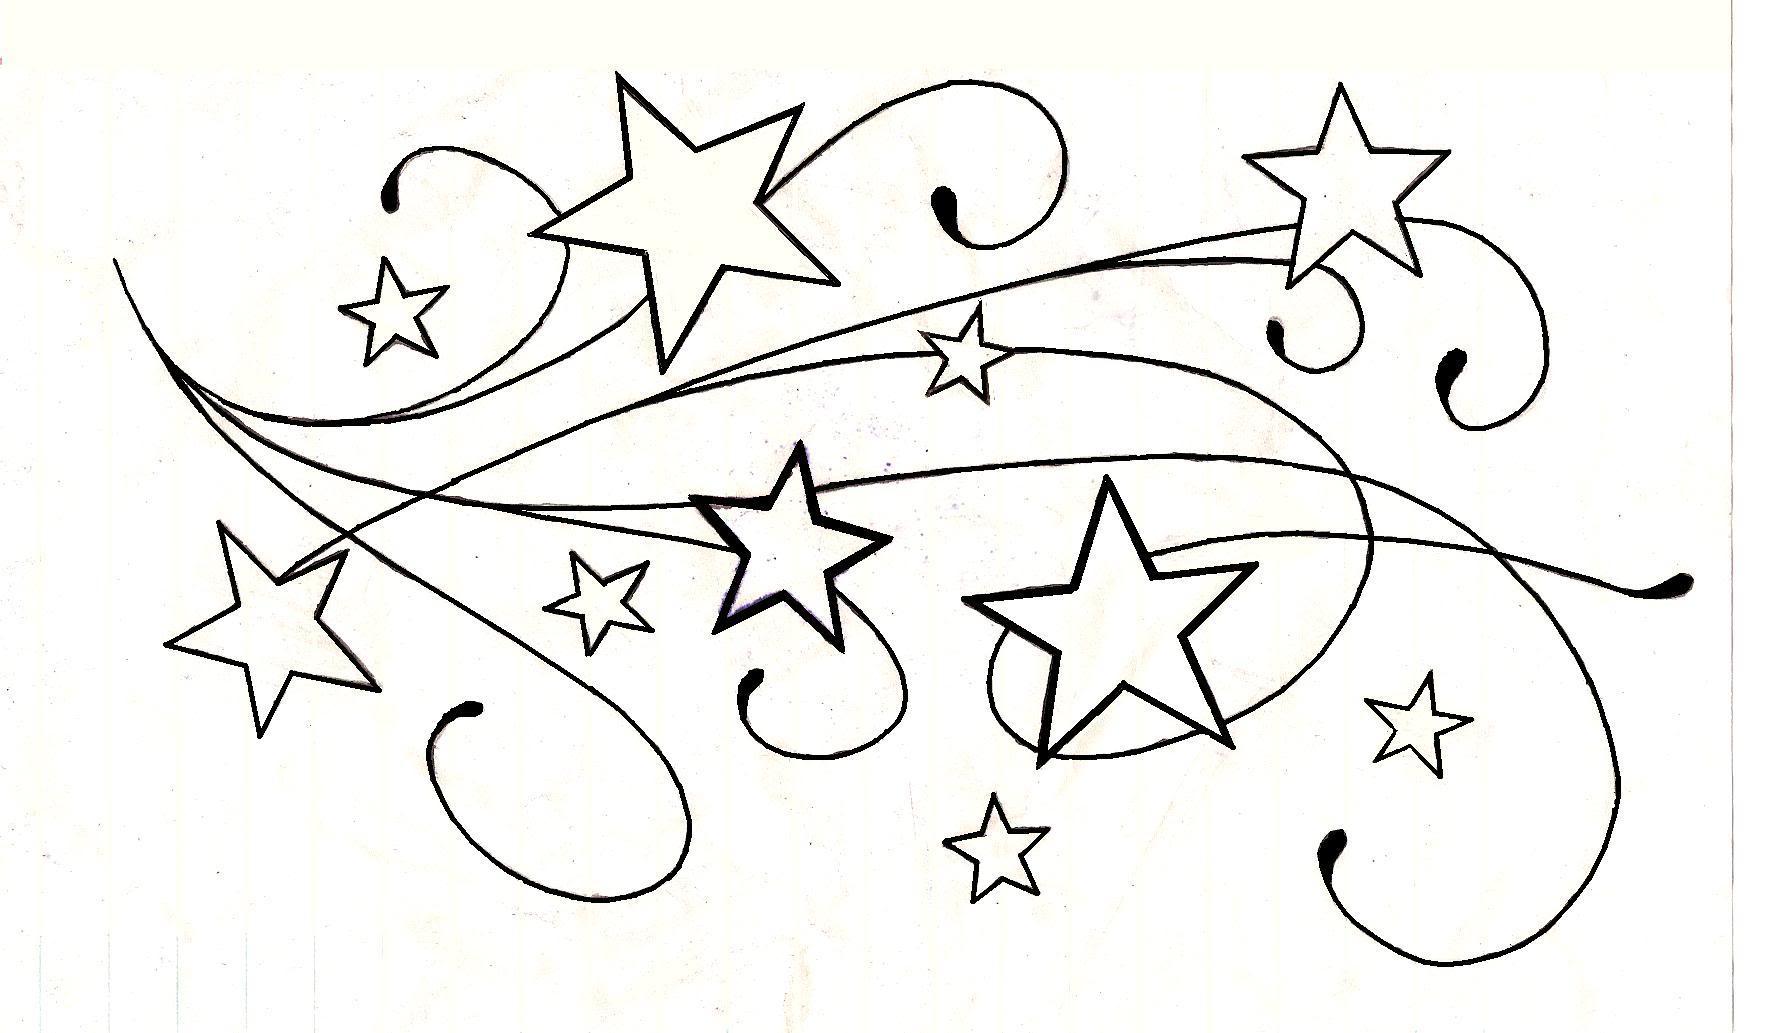 Idée Uage Étoile Dessin - Modèle De Tattoo #322561 destiné Dessin Chiffre Romain